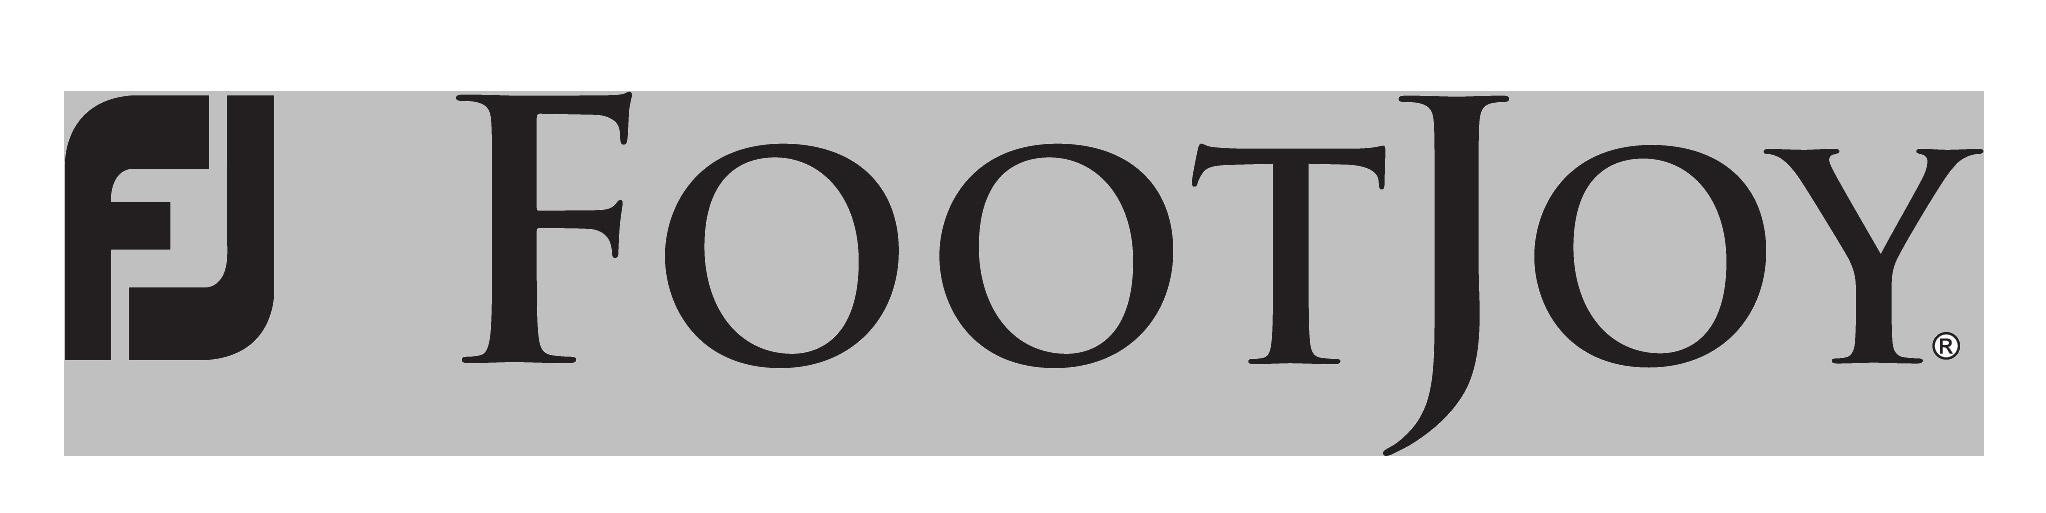 footjoy-logo.png